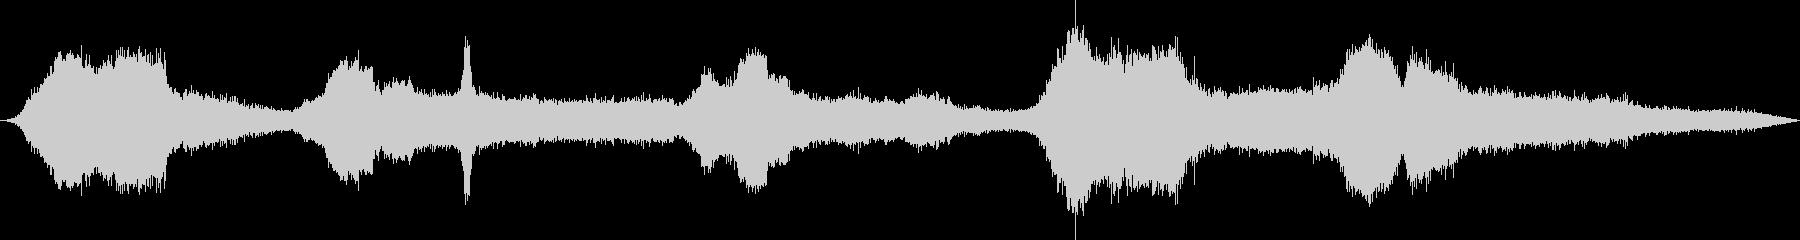 GmキャデラックCts:内線:機内...の未再生の波形